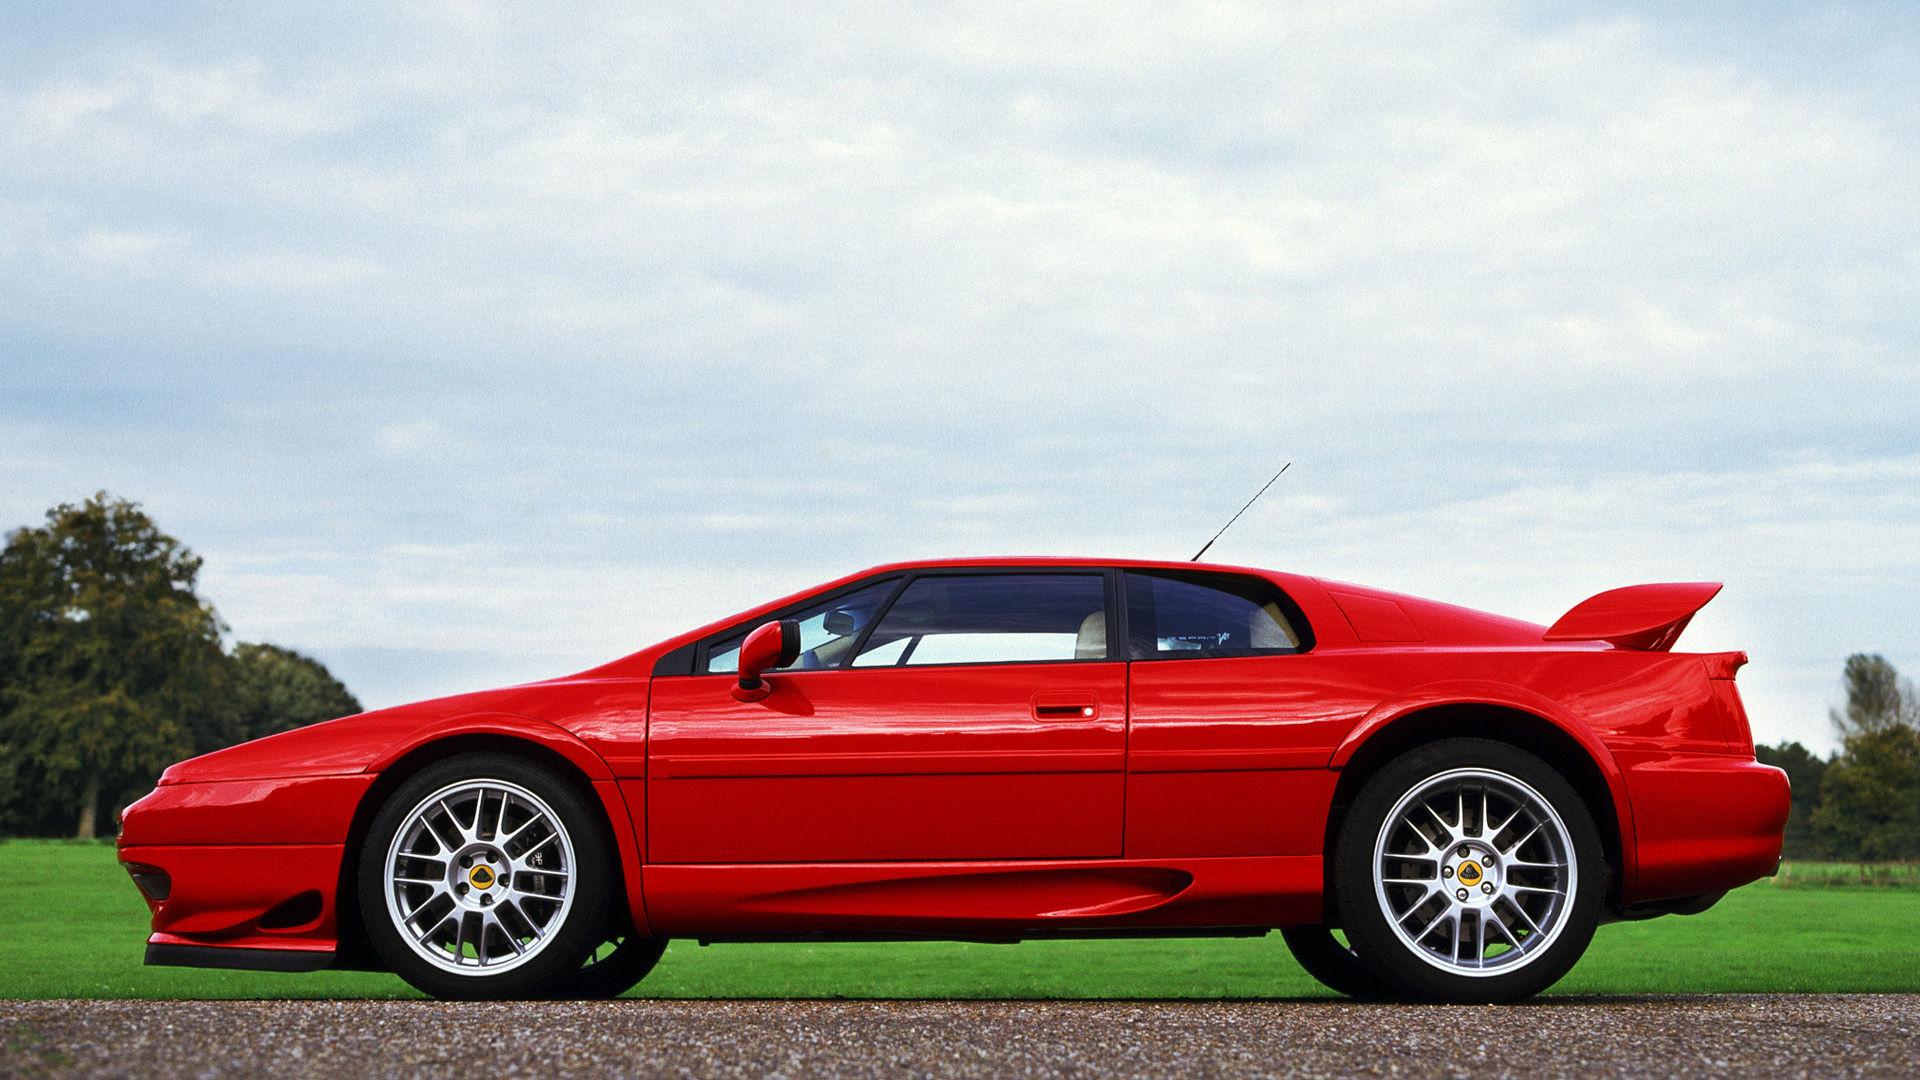 2002 Lotus Esprit V8